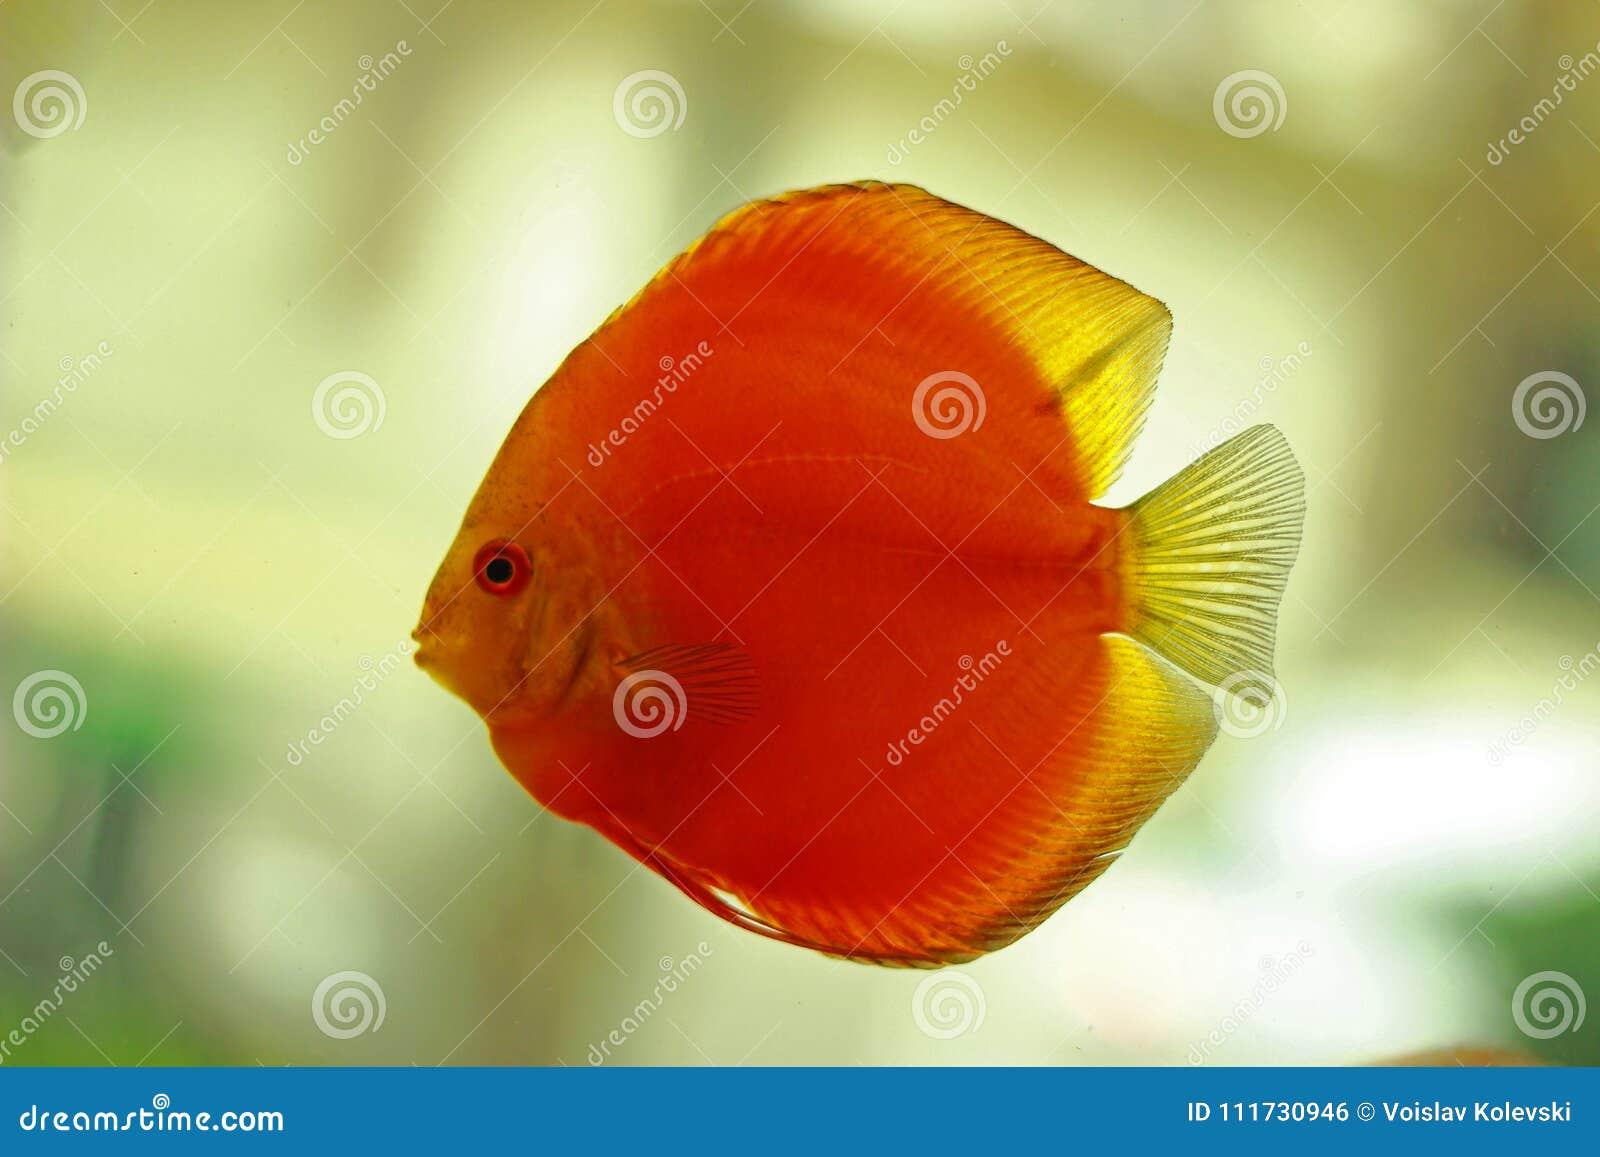 Discus Fish In Freshwater Aquarium Stock Photo - Image of fish ...